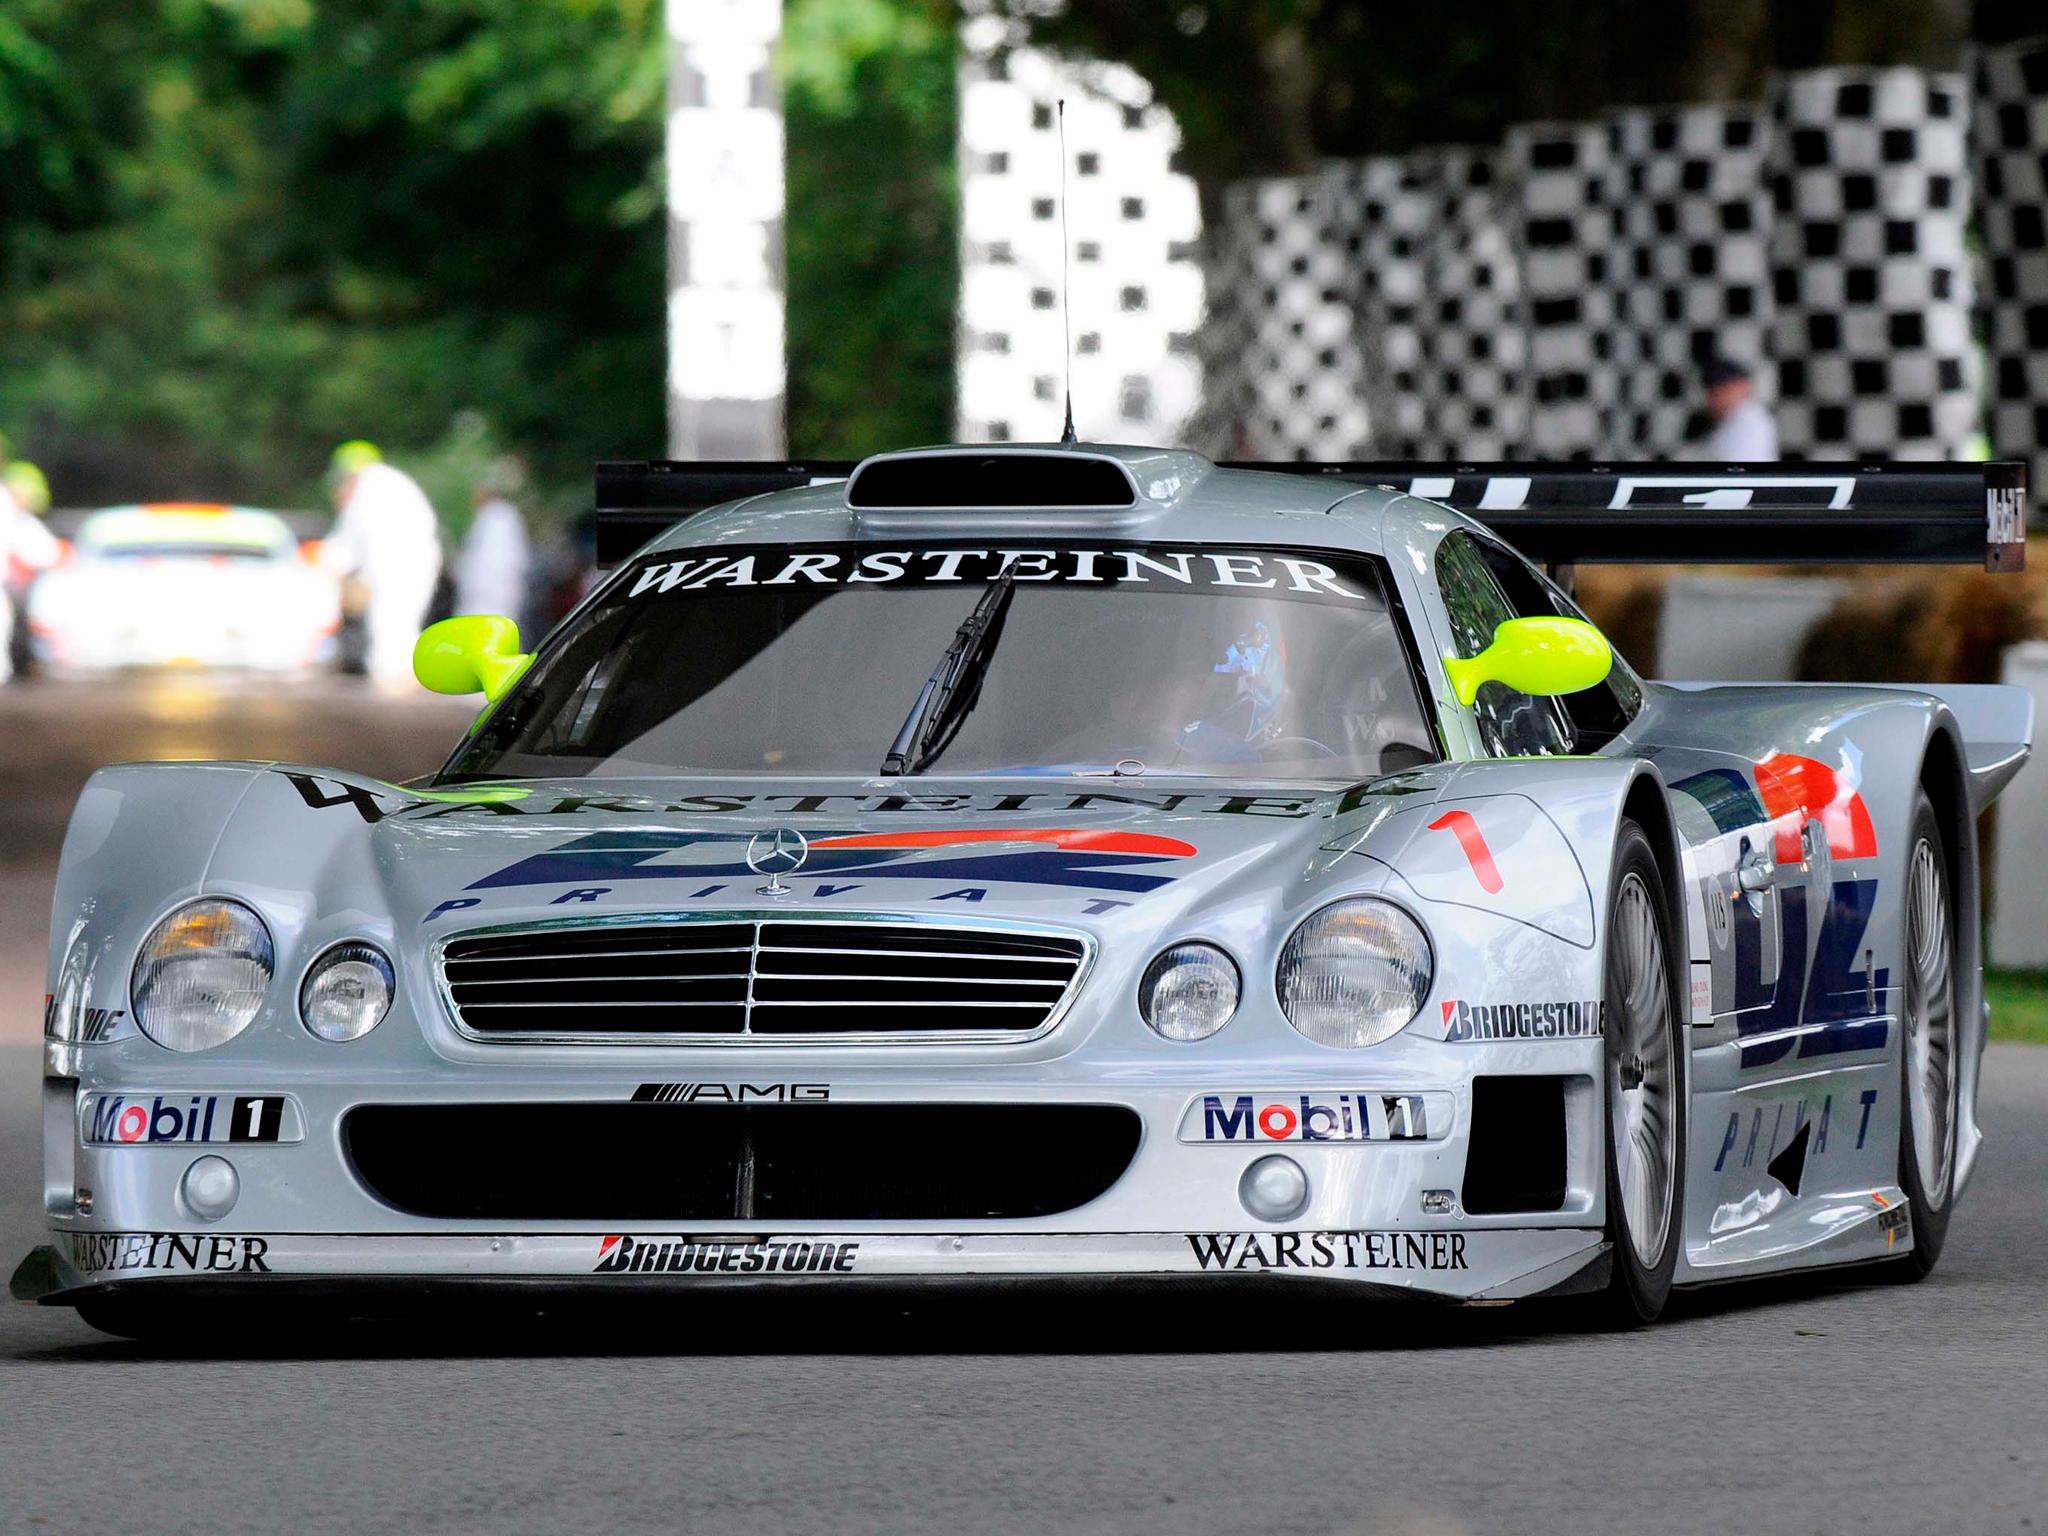 A Mercedes Benz, Seguindo O Desenho E Concepção Que A Porsche Tinha  Estabelecido Com A Homologação Do 911 GT 1, Deixou A Sua Divisão De  Competição, ...